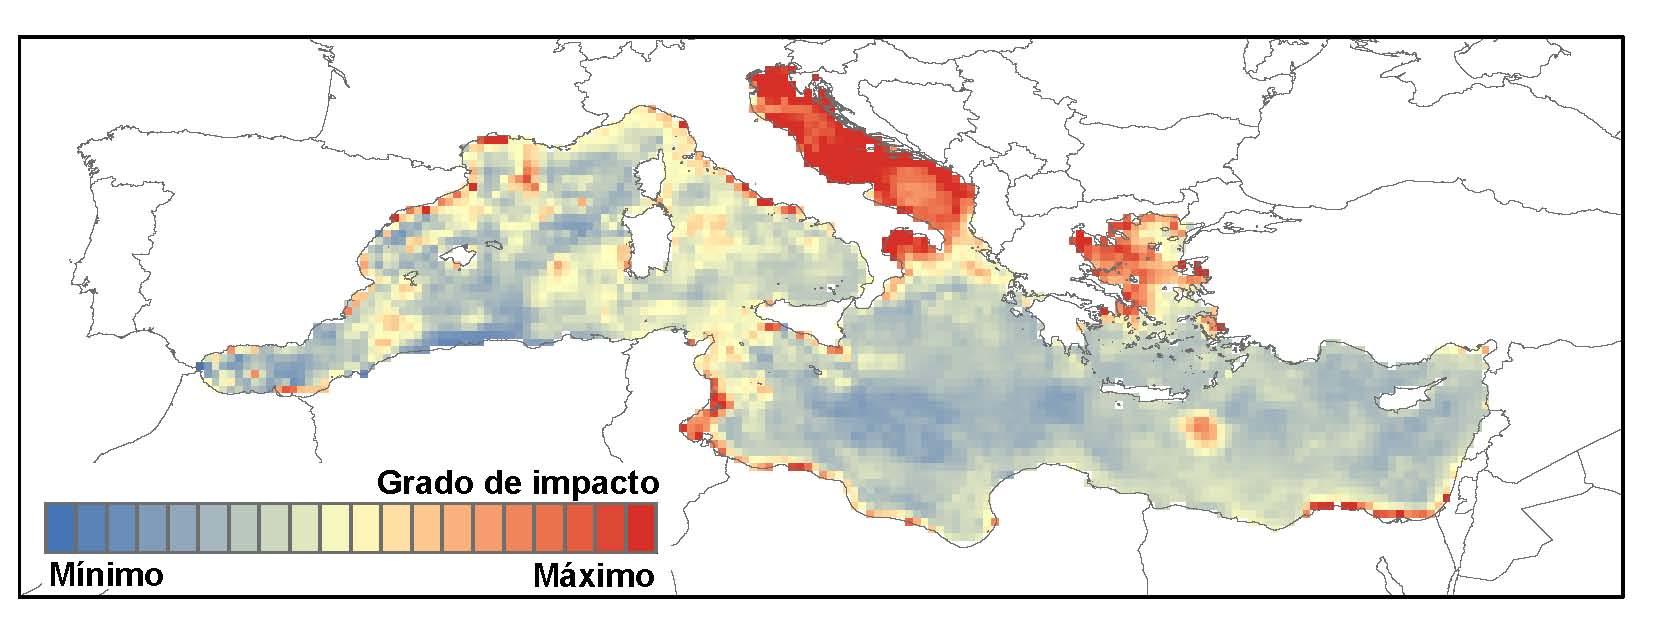 El mar Adriàtic, el mar Egeu, la costa africana o el mar de l'àrea catalana es troben entre les zones més afectades